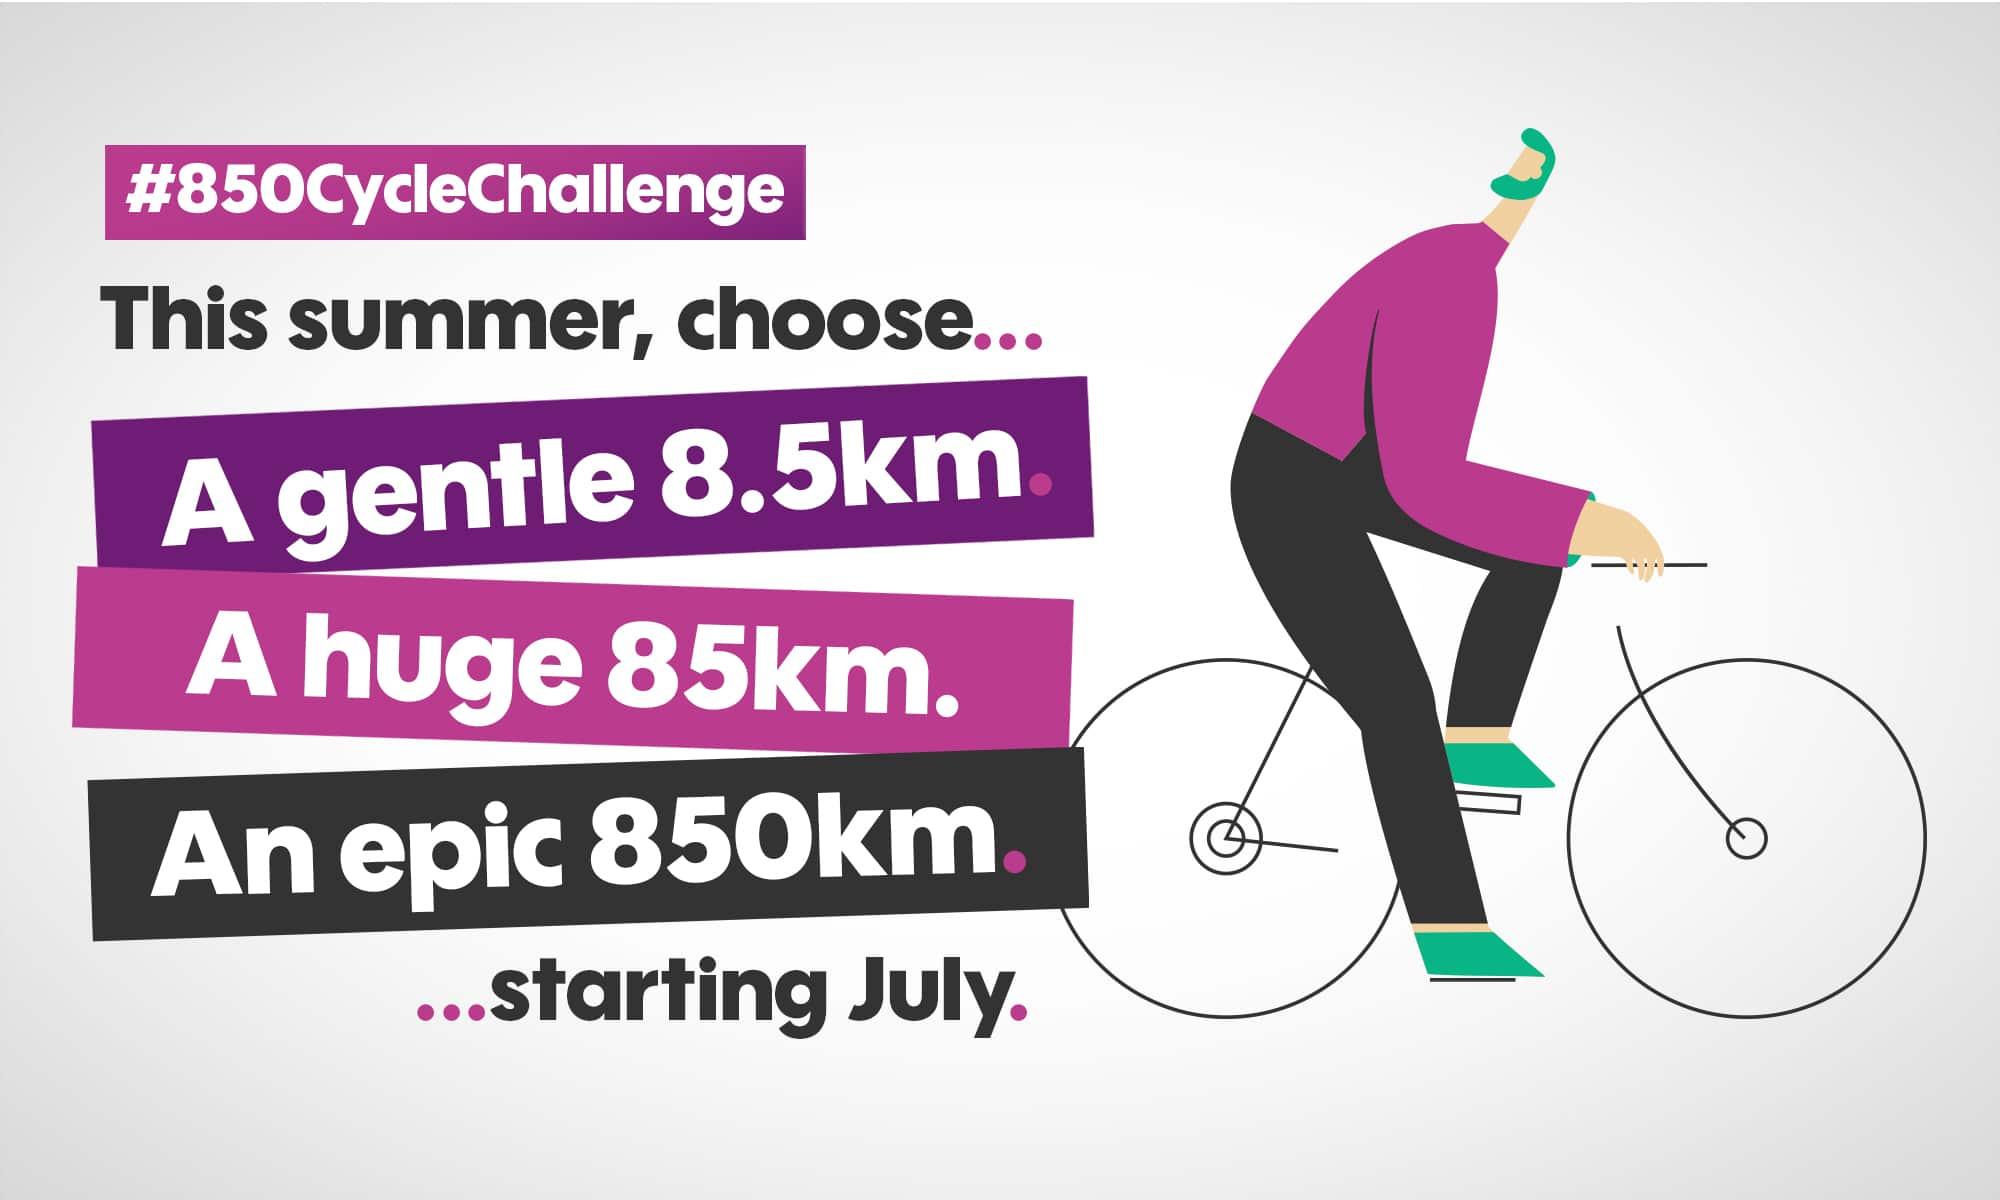 850 Cycle Challenge